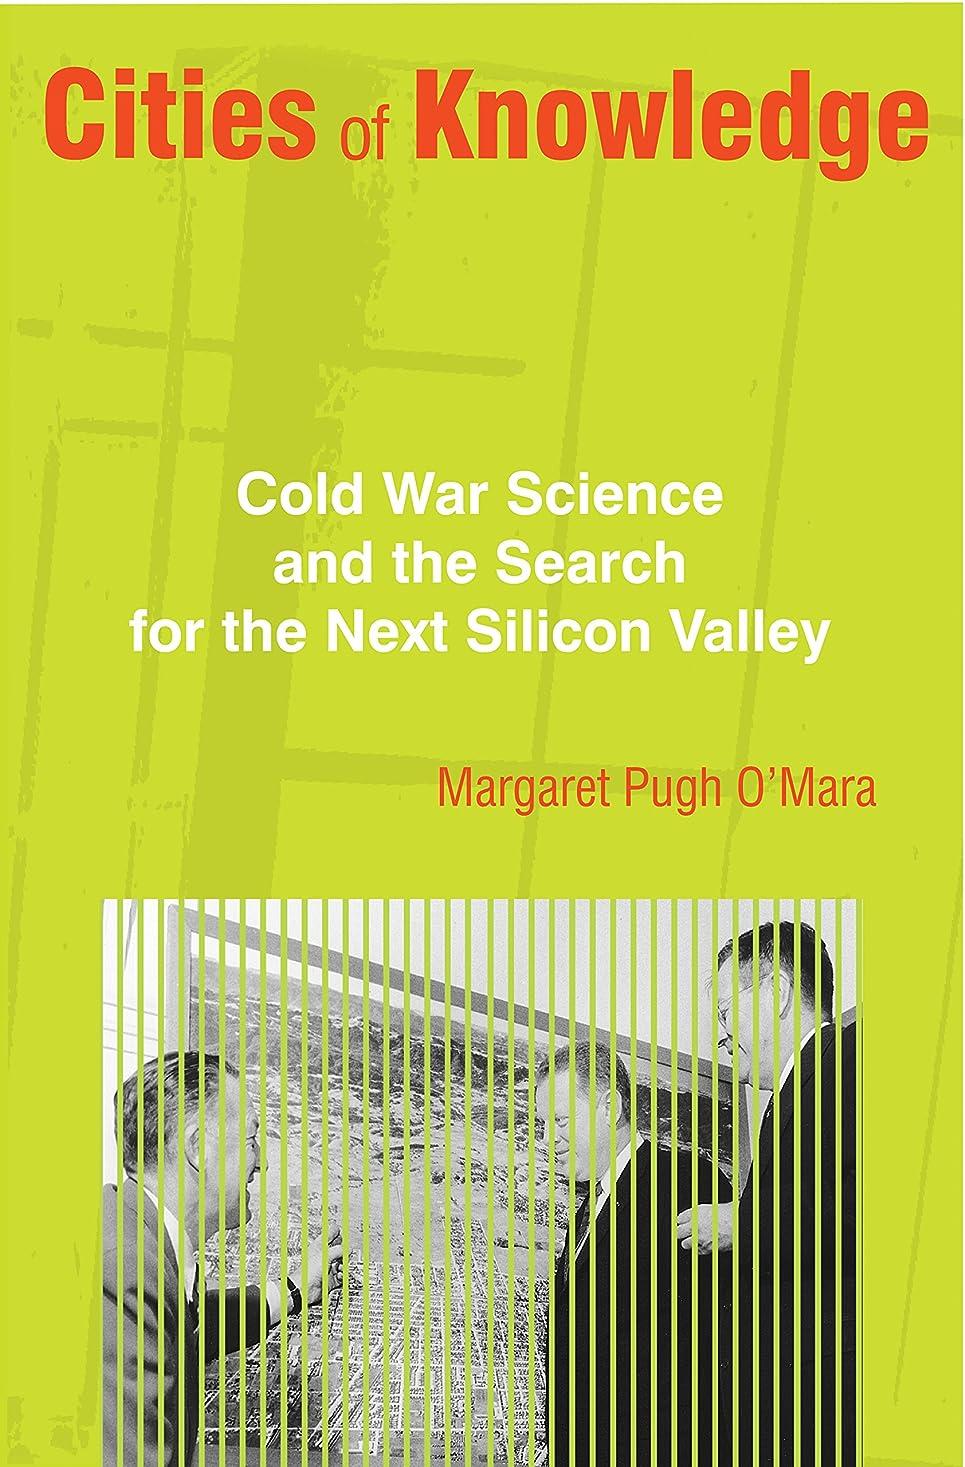 汚れた負荷成功するCities of Knowledge: Cold War Science and the Search for the Next Silicon Valley (Politics and Society in Modern America Book 111) (English Edition)